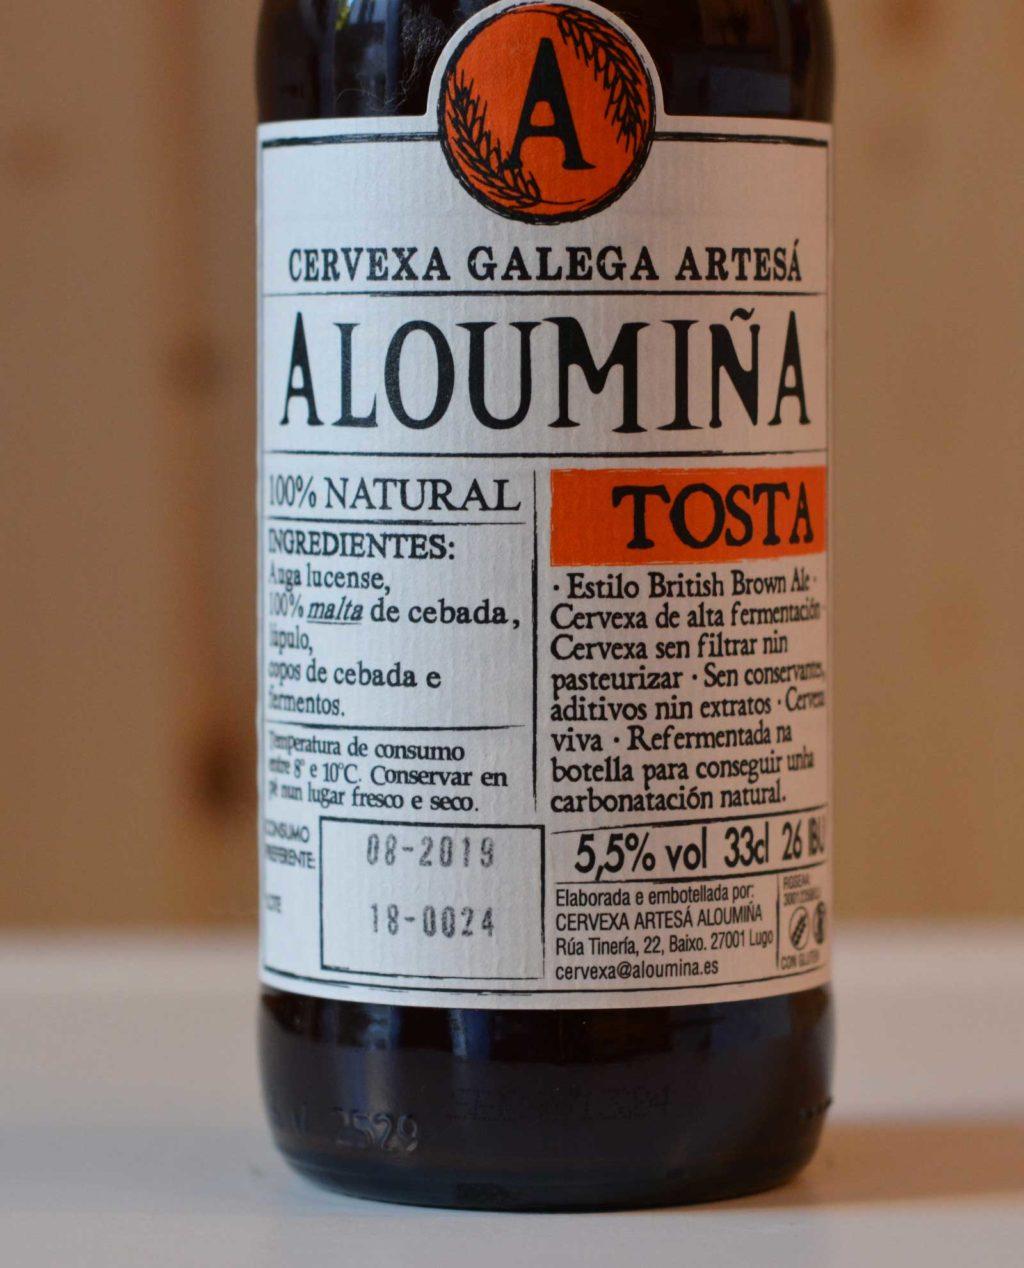 aloumina-cervexa-artesana-craft-beer-tinetipa-tosta-britishbrownale-001d